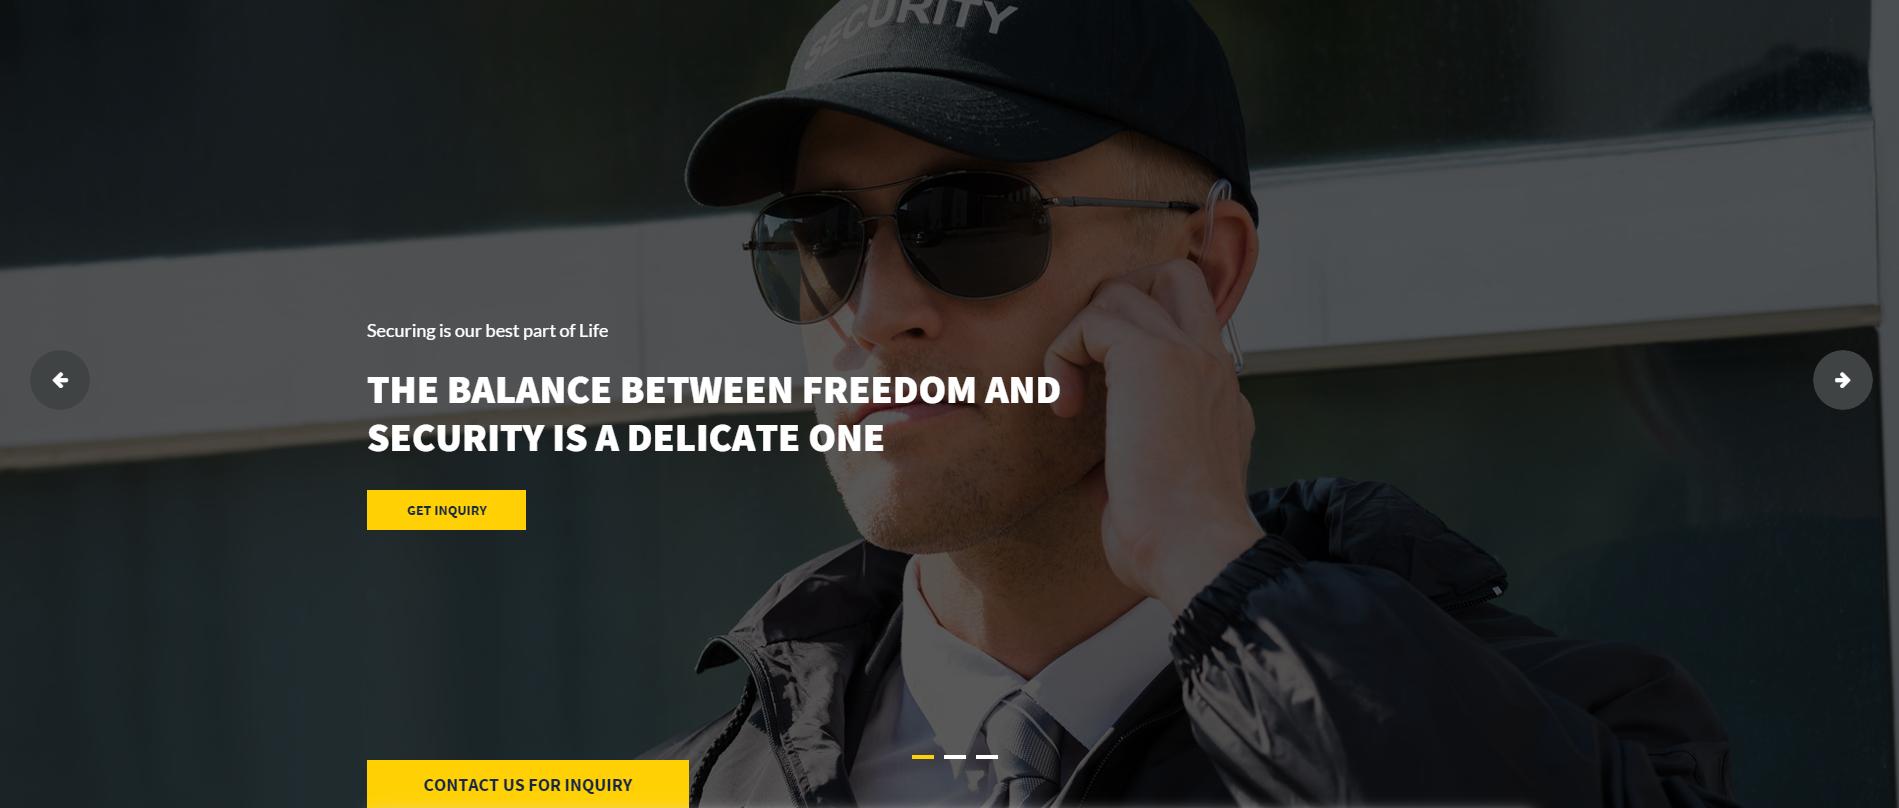 宽屏大气的保镖安保公司网站模板